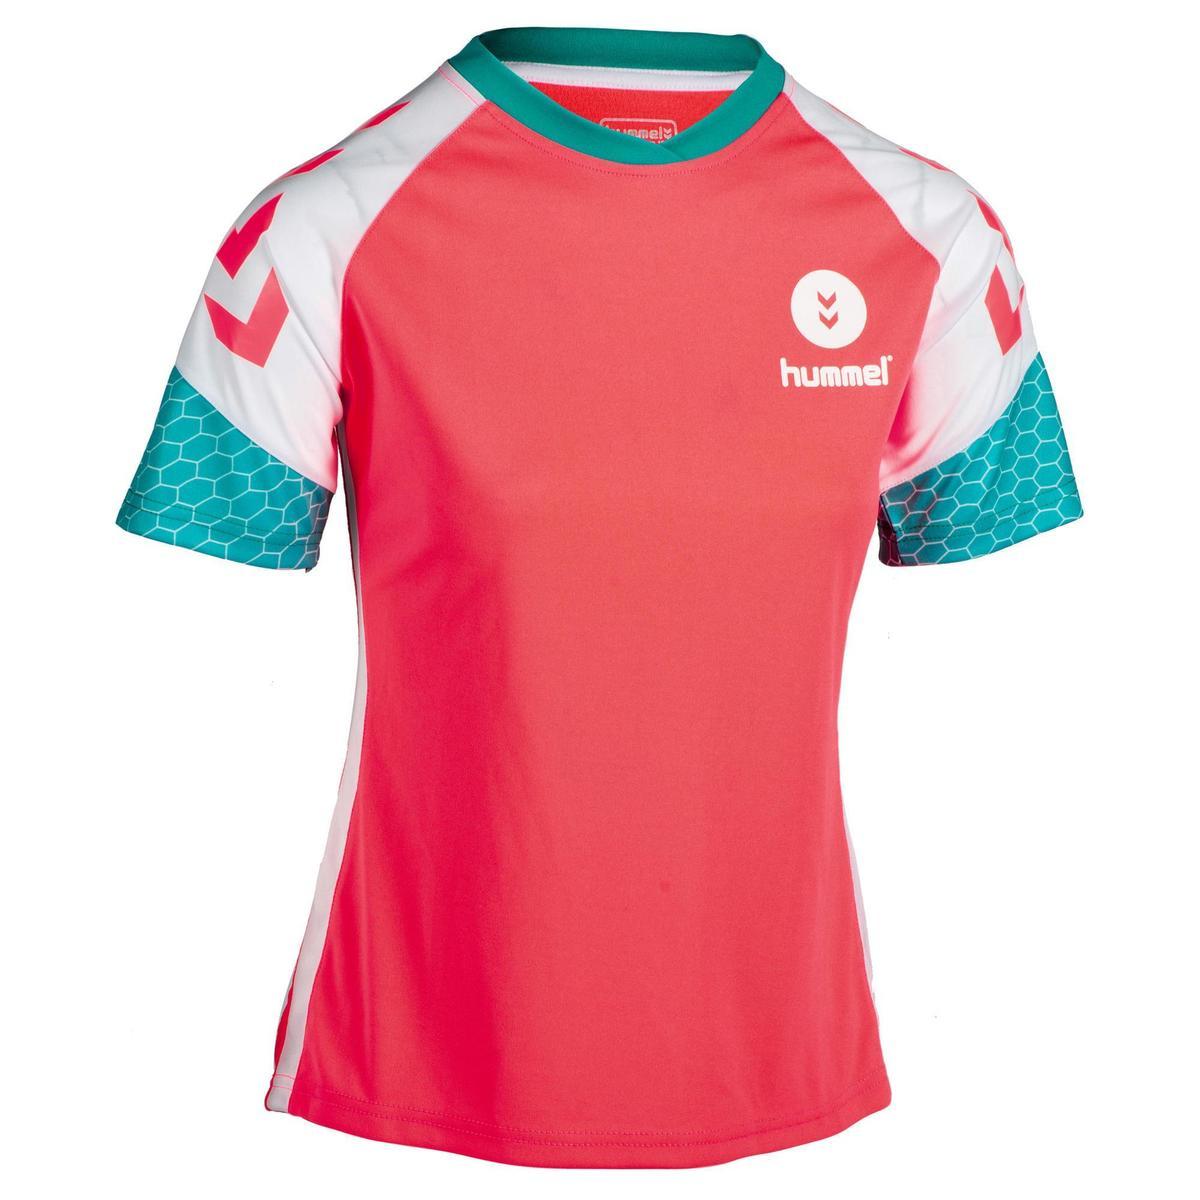 Bild 1 von Handballtrikot Damen rosa/weiß/blau/türkis